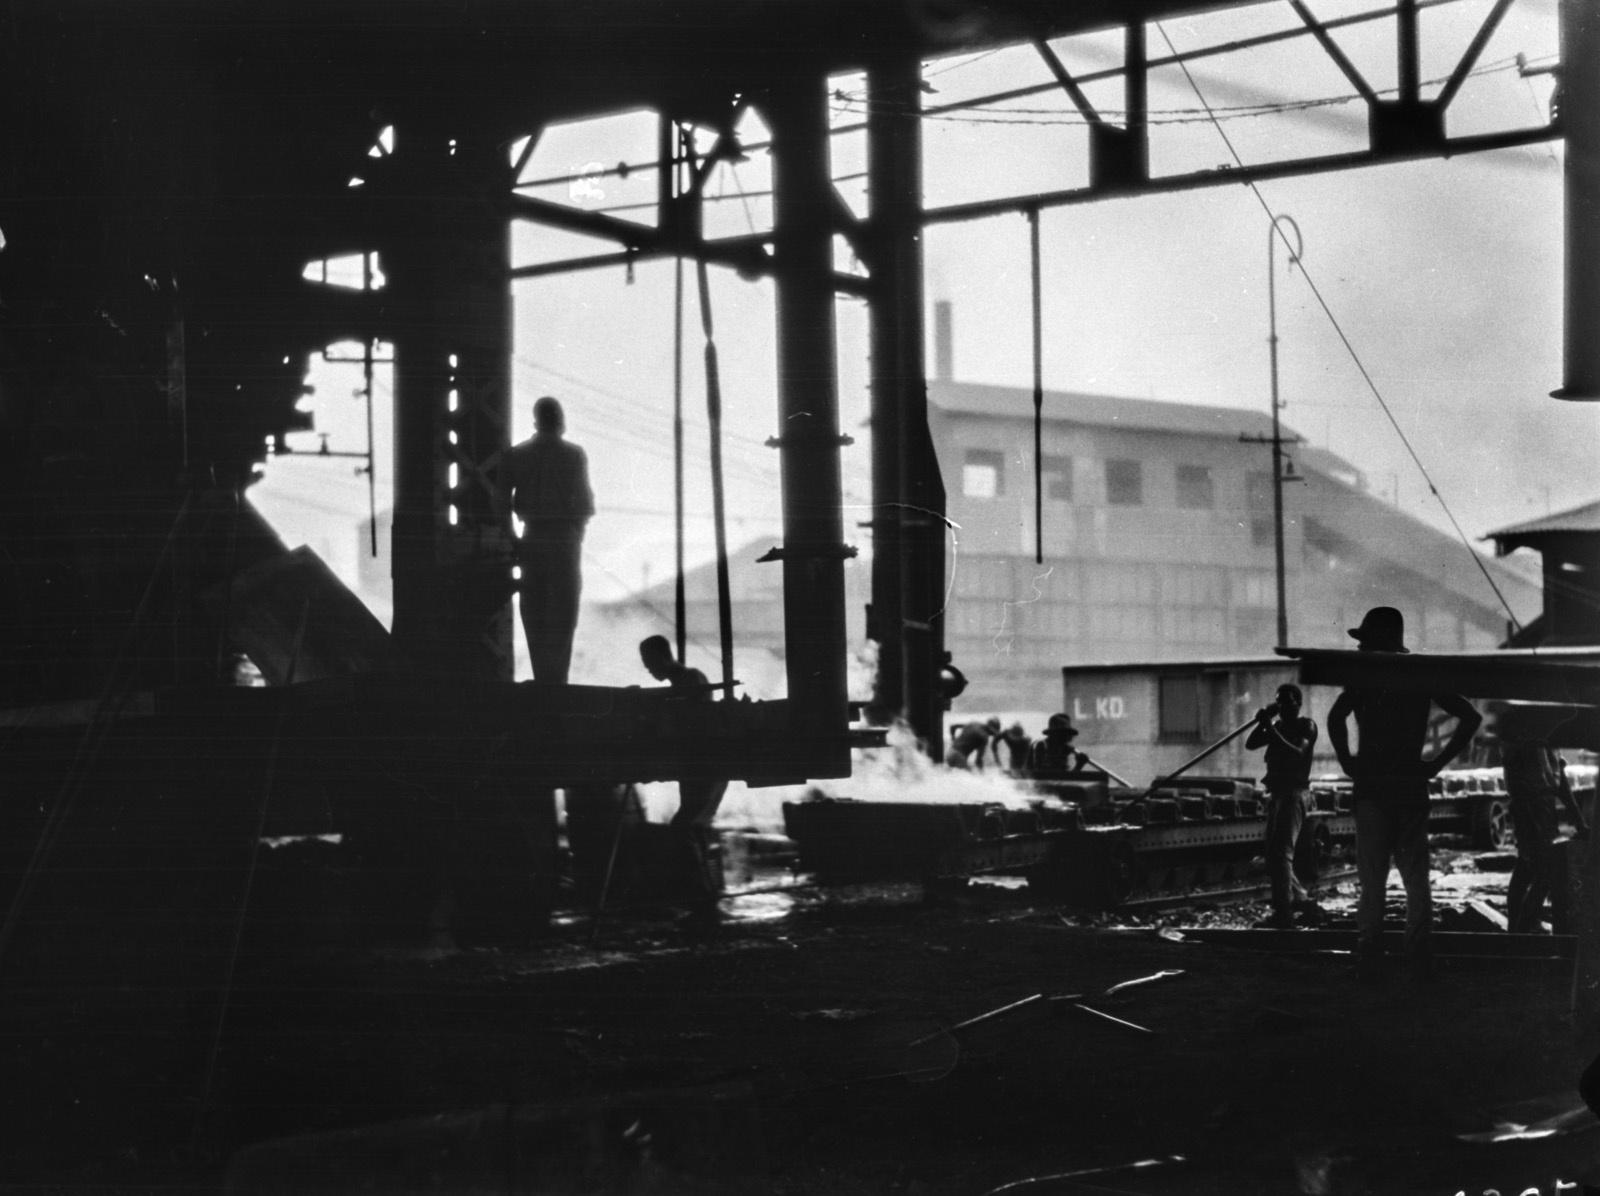 Элизабетвиль. Вид на внутреннюю часть здания шахты.